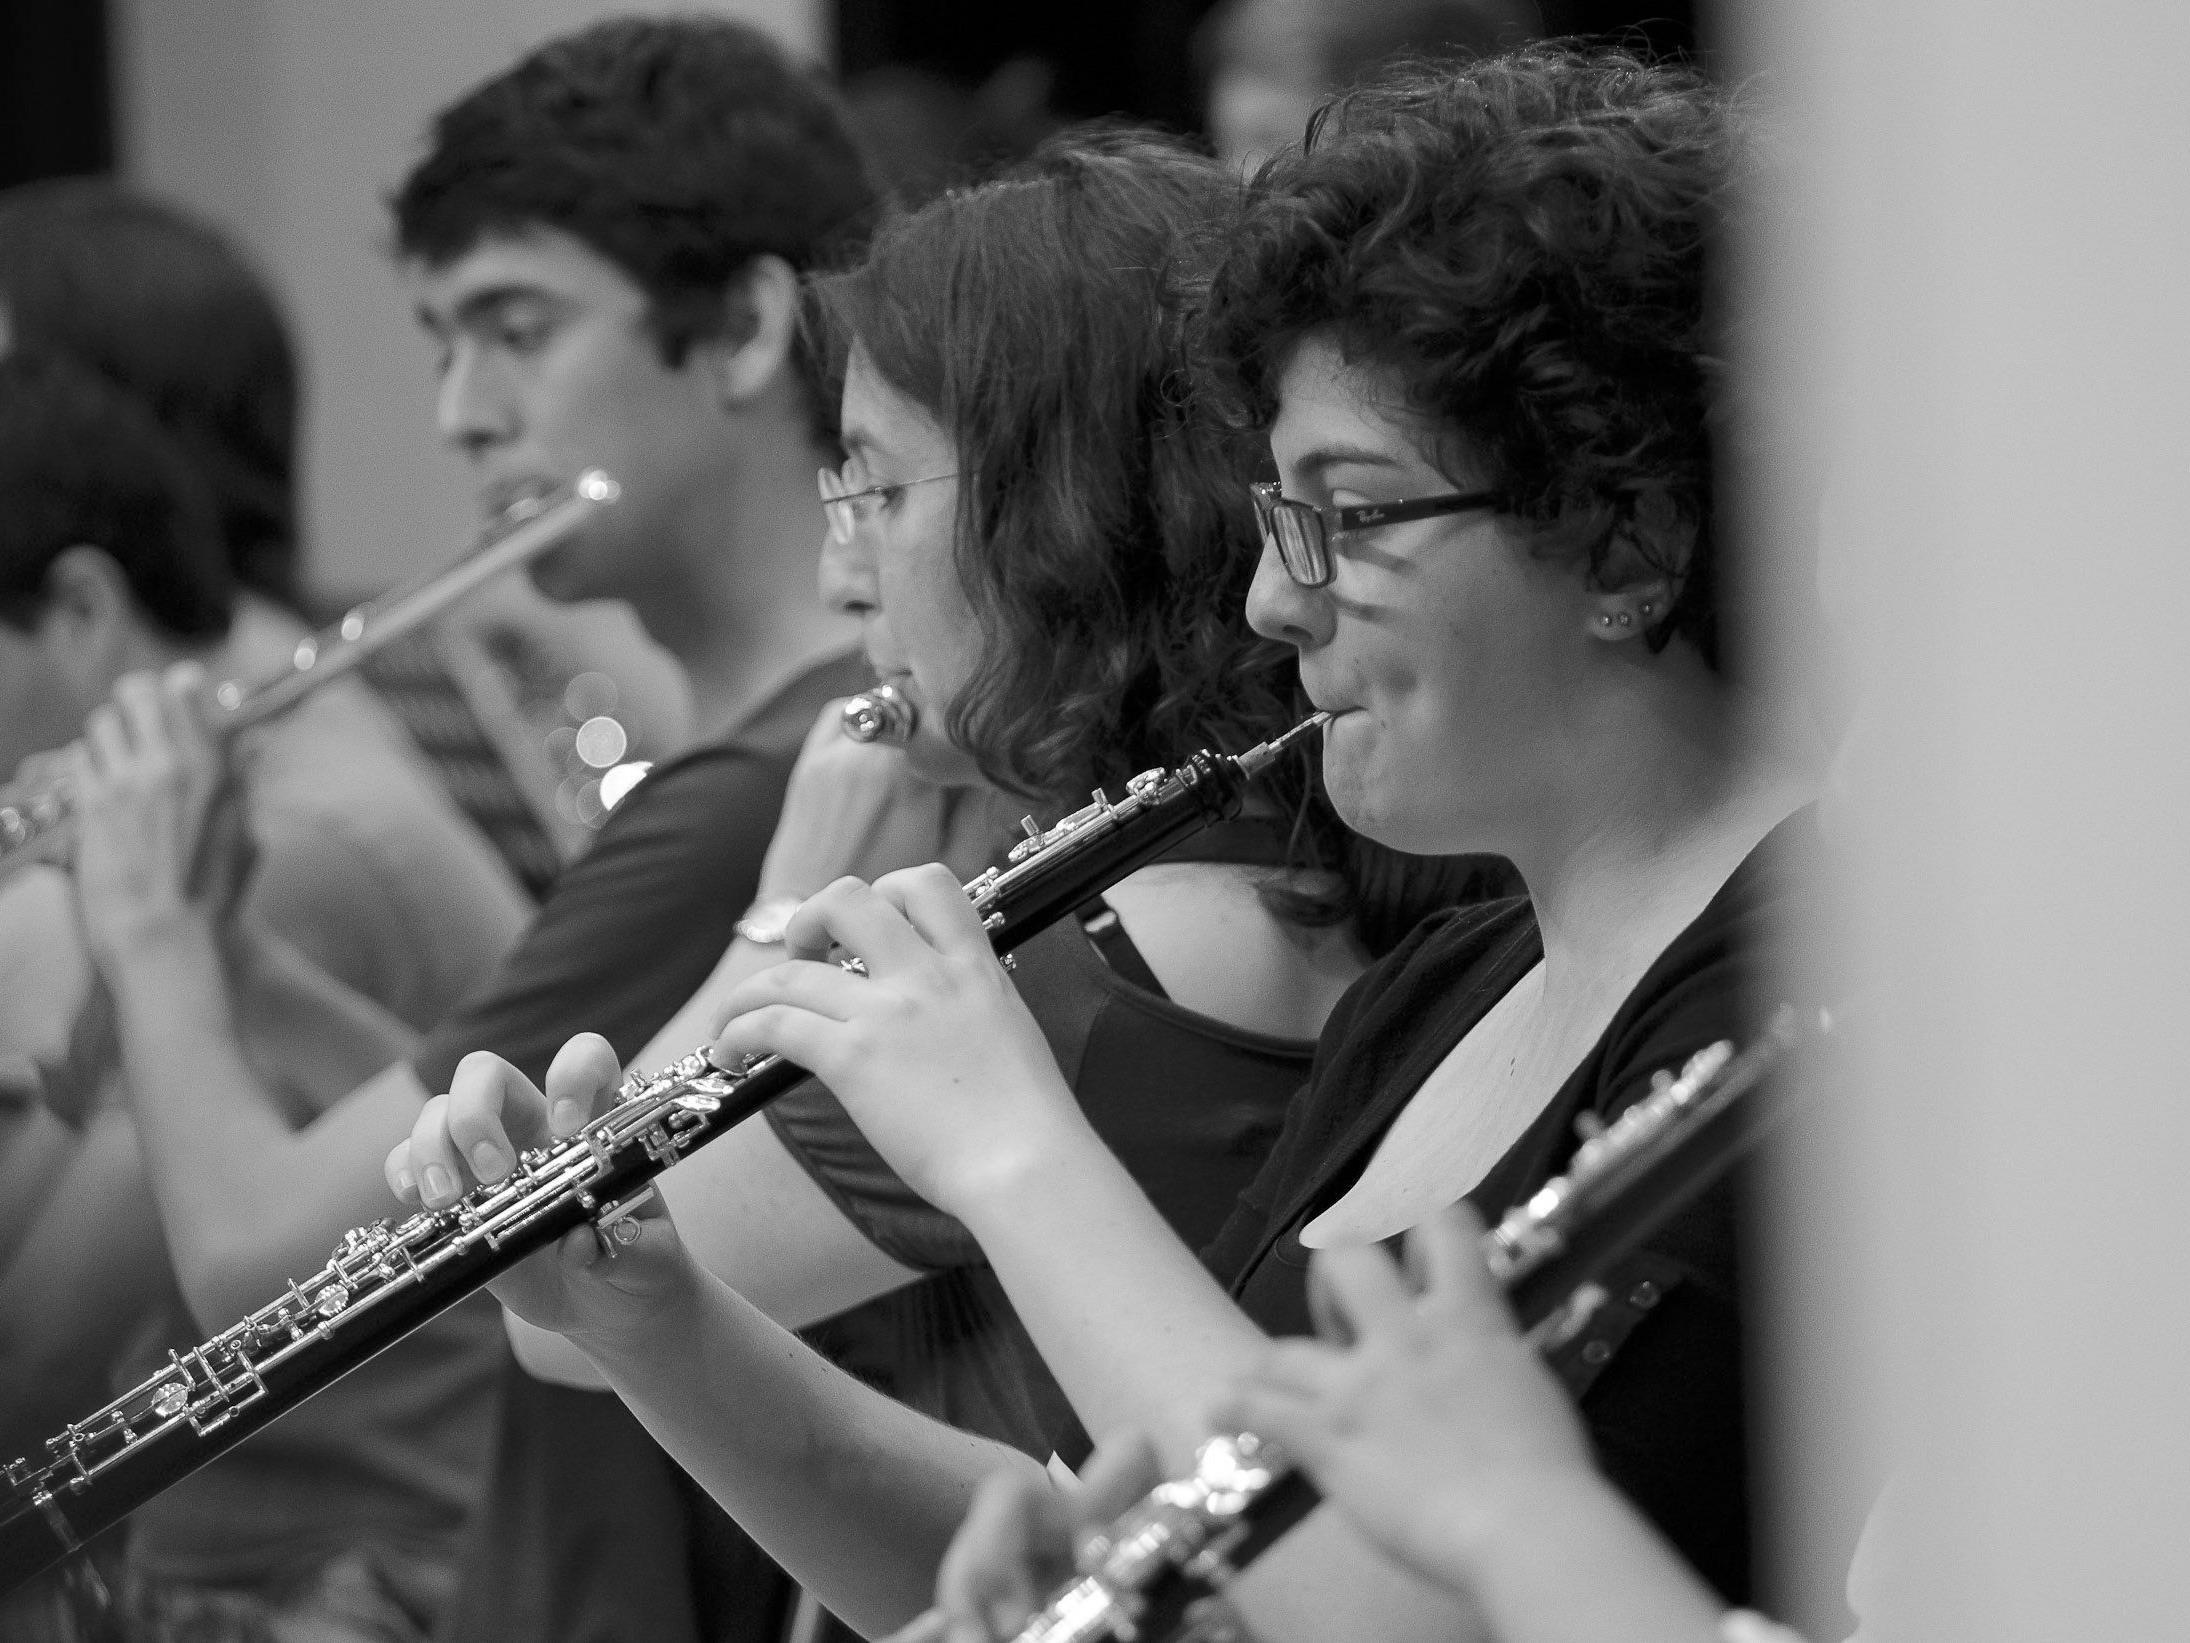 Konzert am Mittag, vorarlberg museum, 26.09. 2014 (Abschlusskonzert der Meisterklasse für Oboe und Kammermusik 8.- 13. September 2014 / Adrian Buzac und Christoph Hartmann)